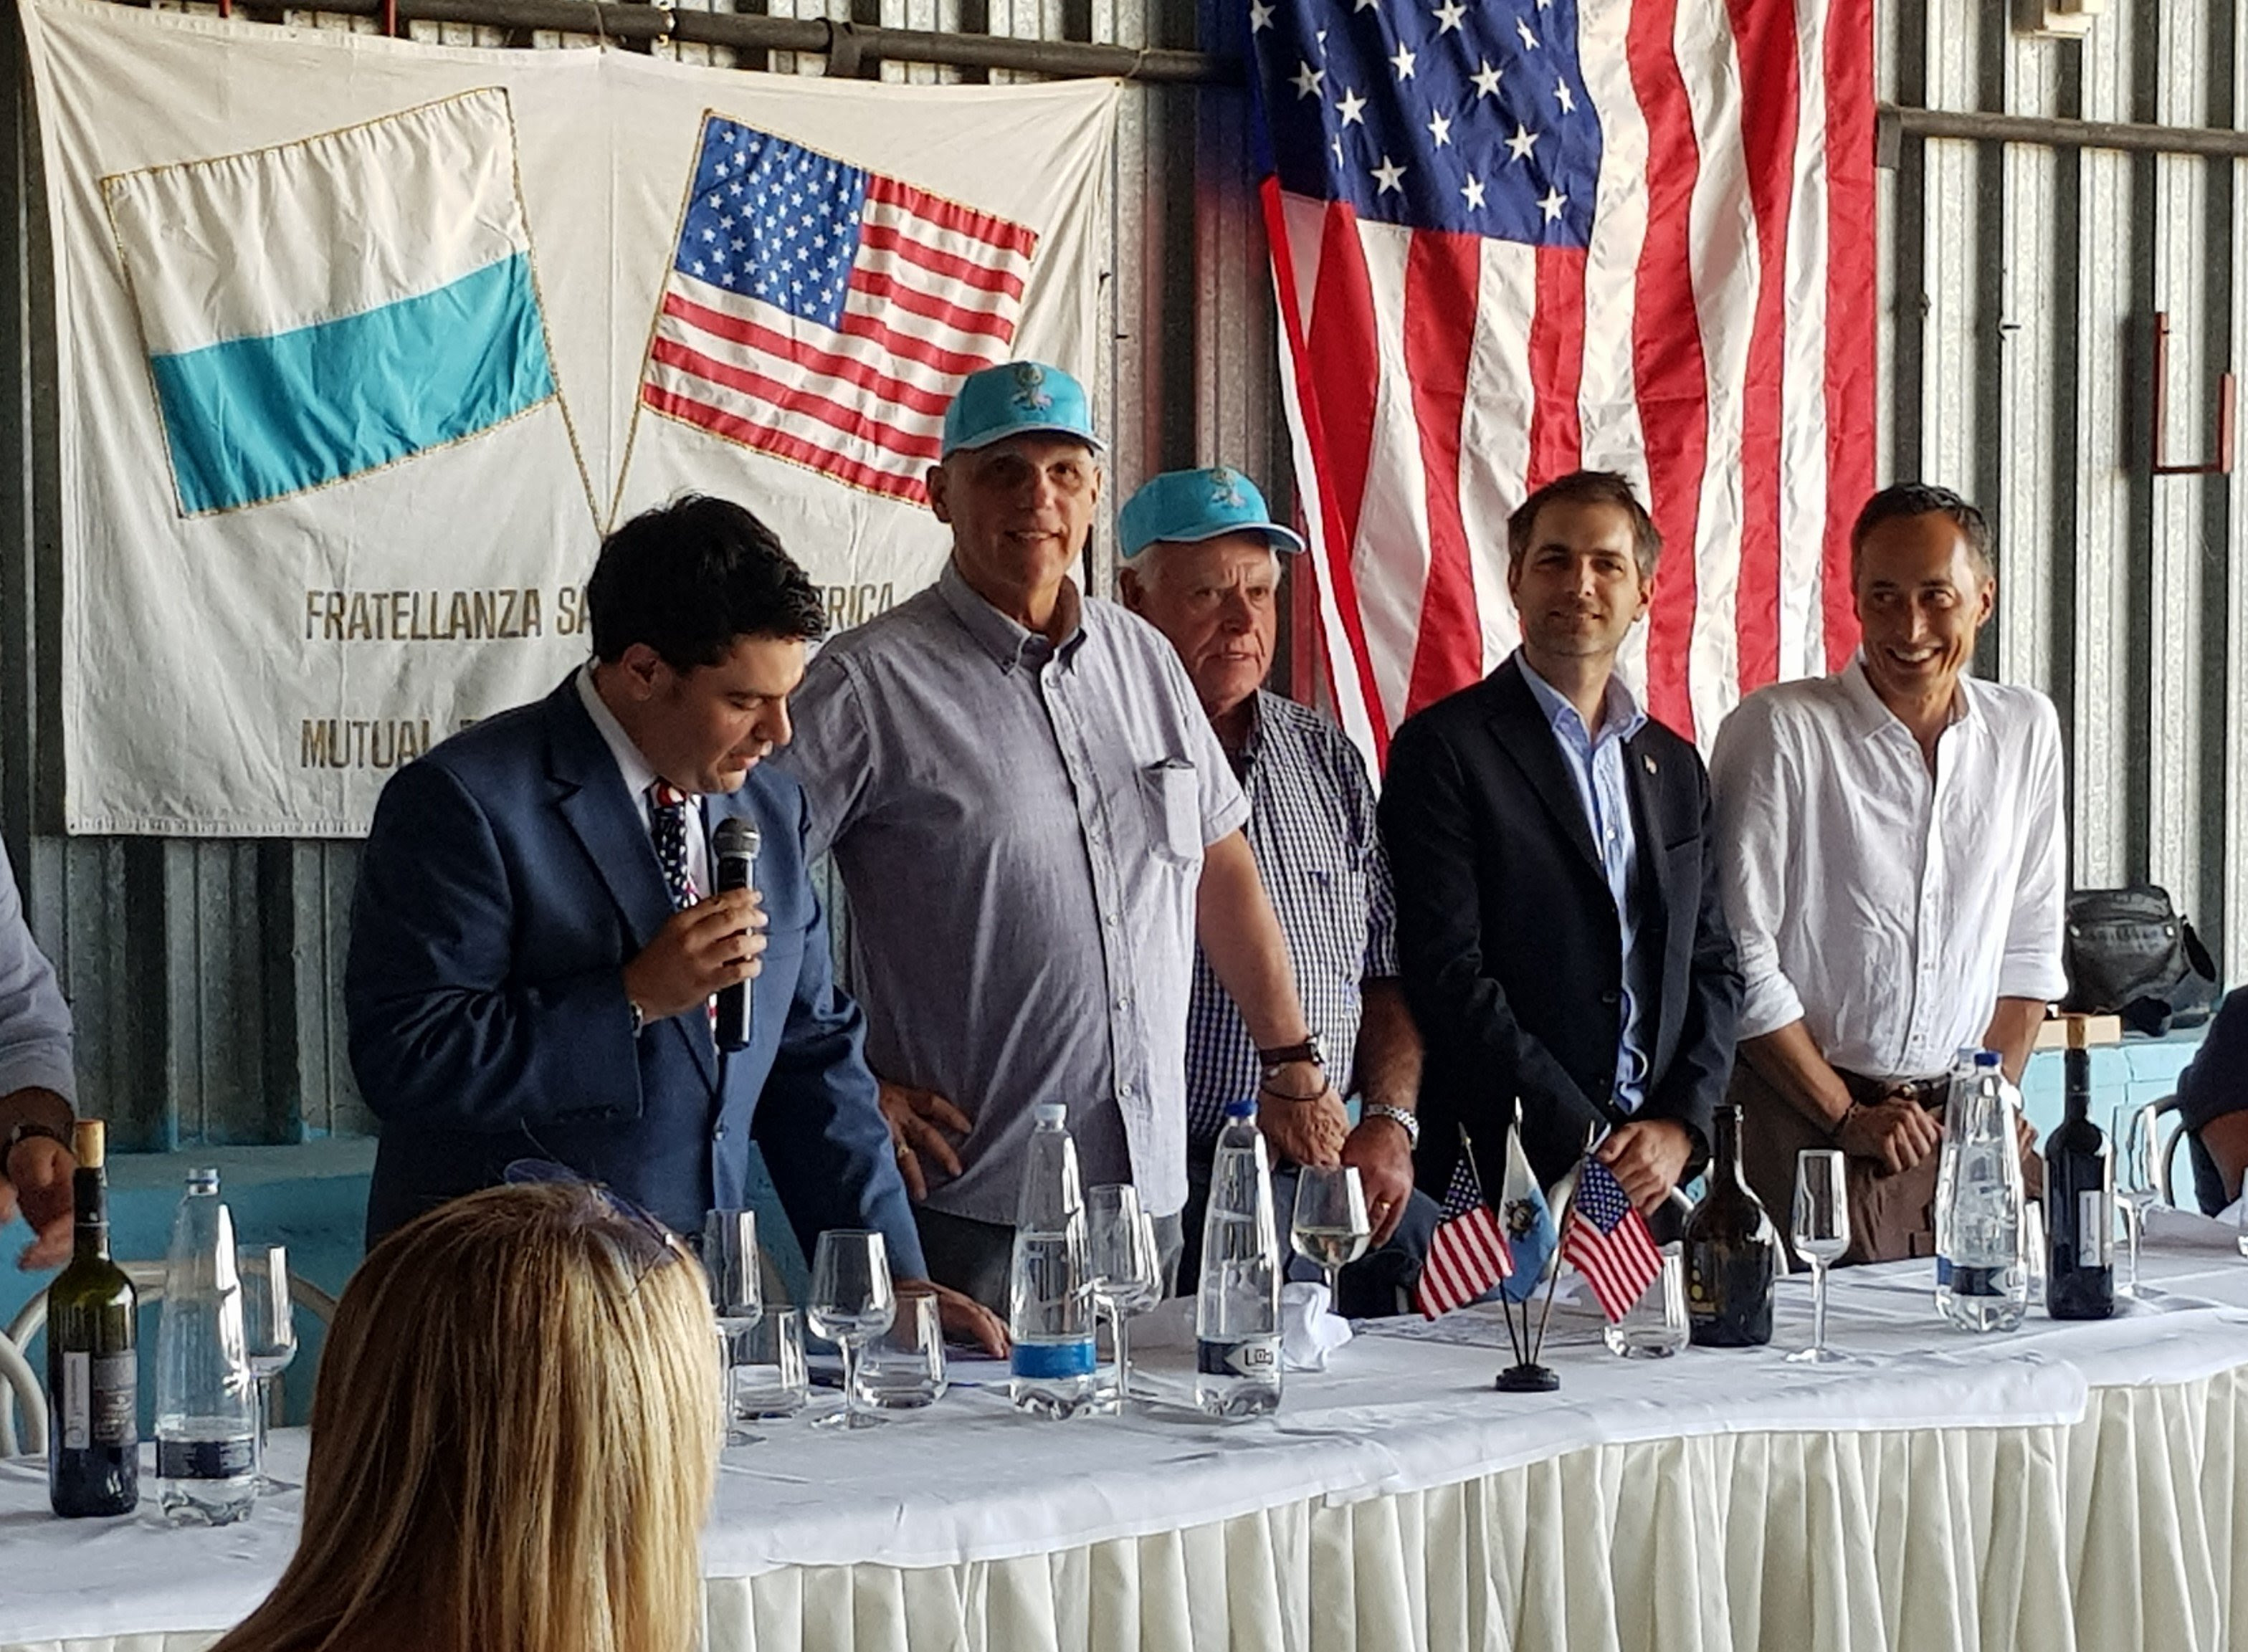 Celebrato il 40° anniversario della Fratellanza San Marino-America